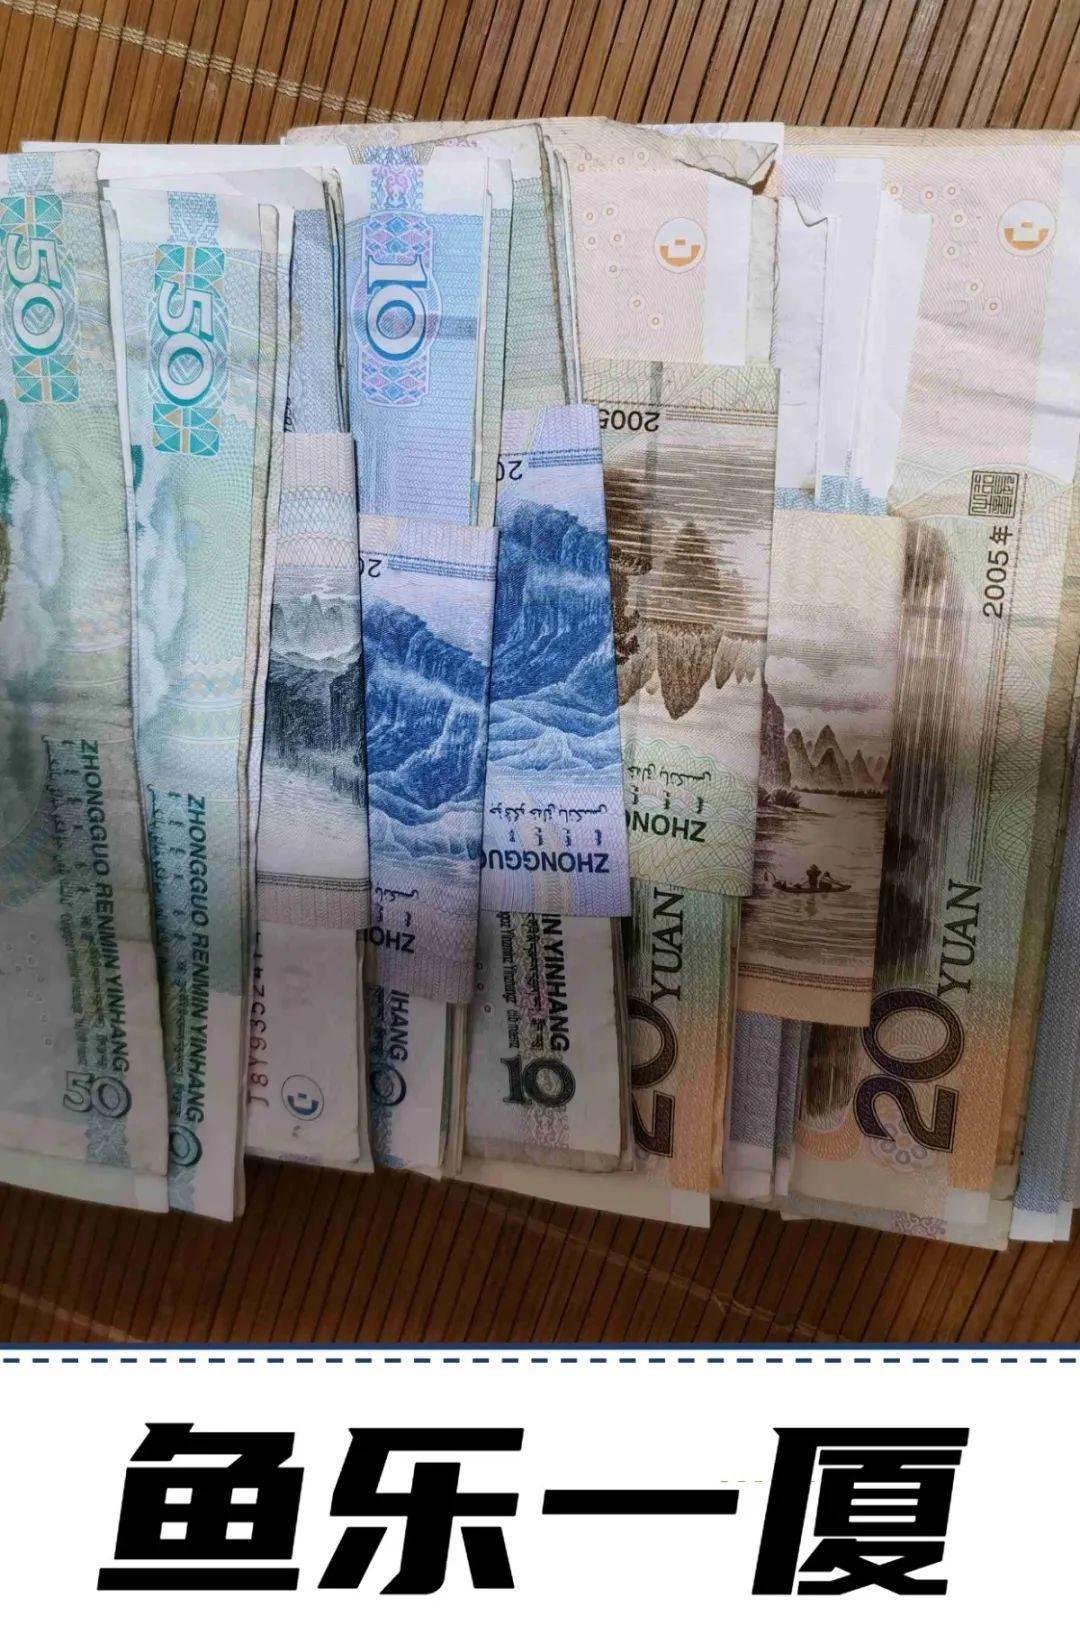 又发现一个勤劳致富的好办法了!厦门阿伯靠捡垃圾,一个礼拜能赚800多!